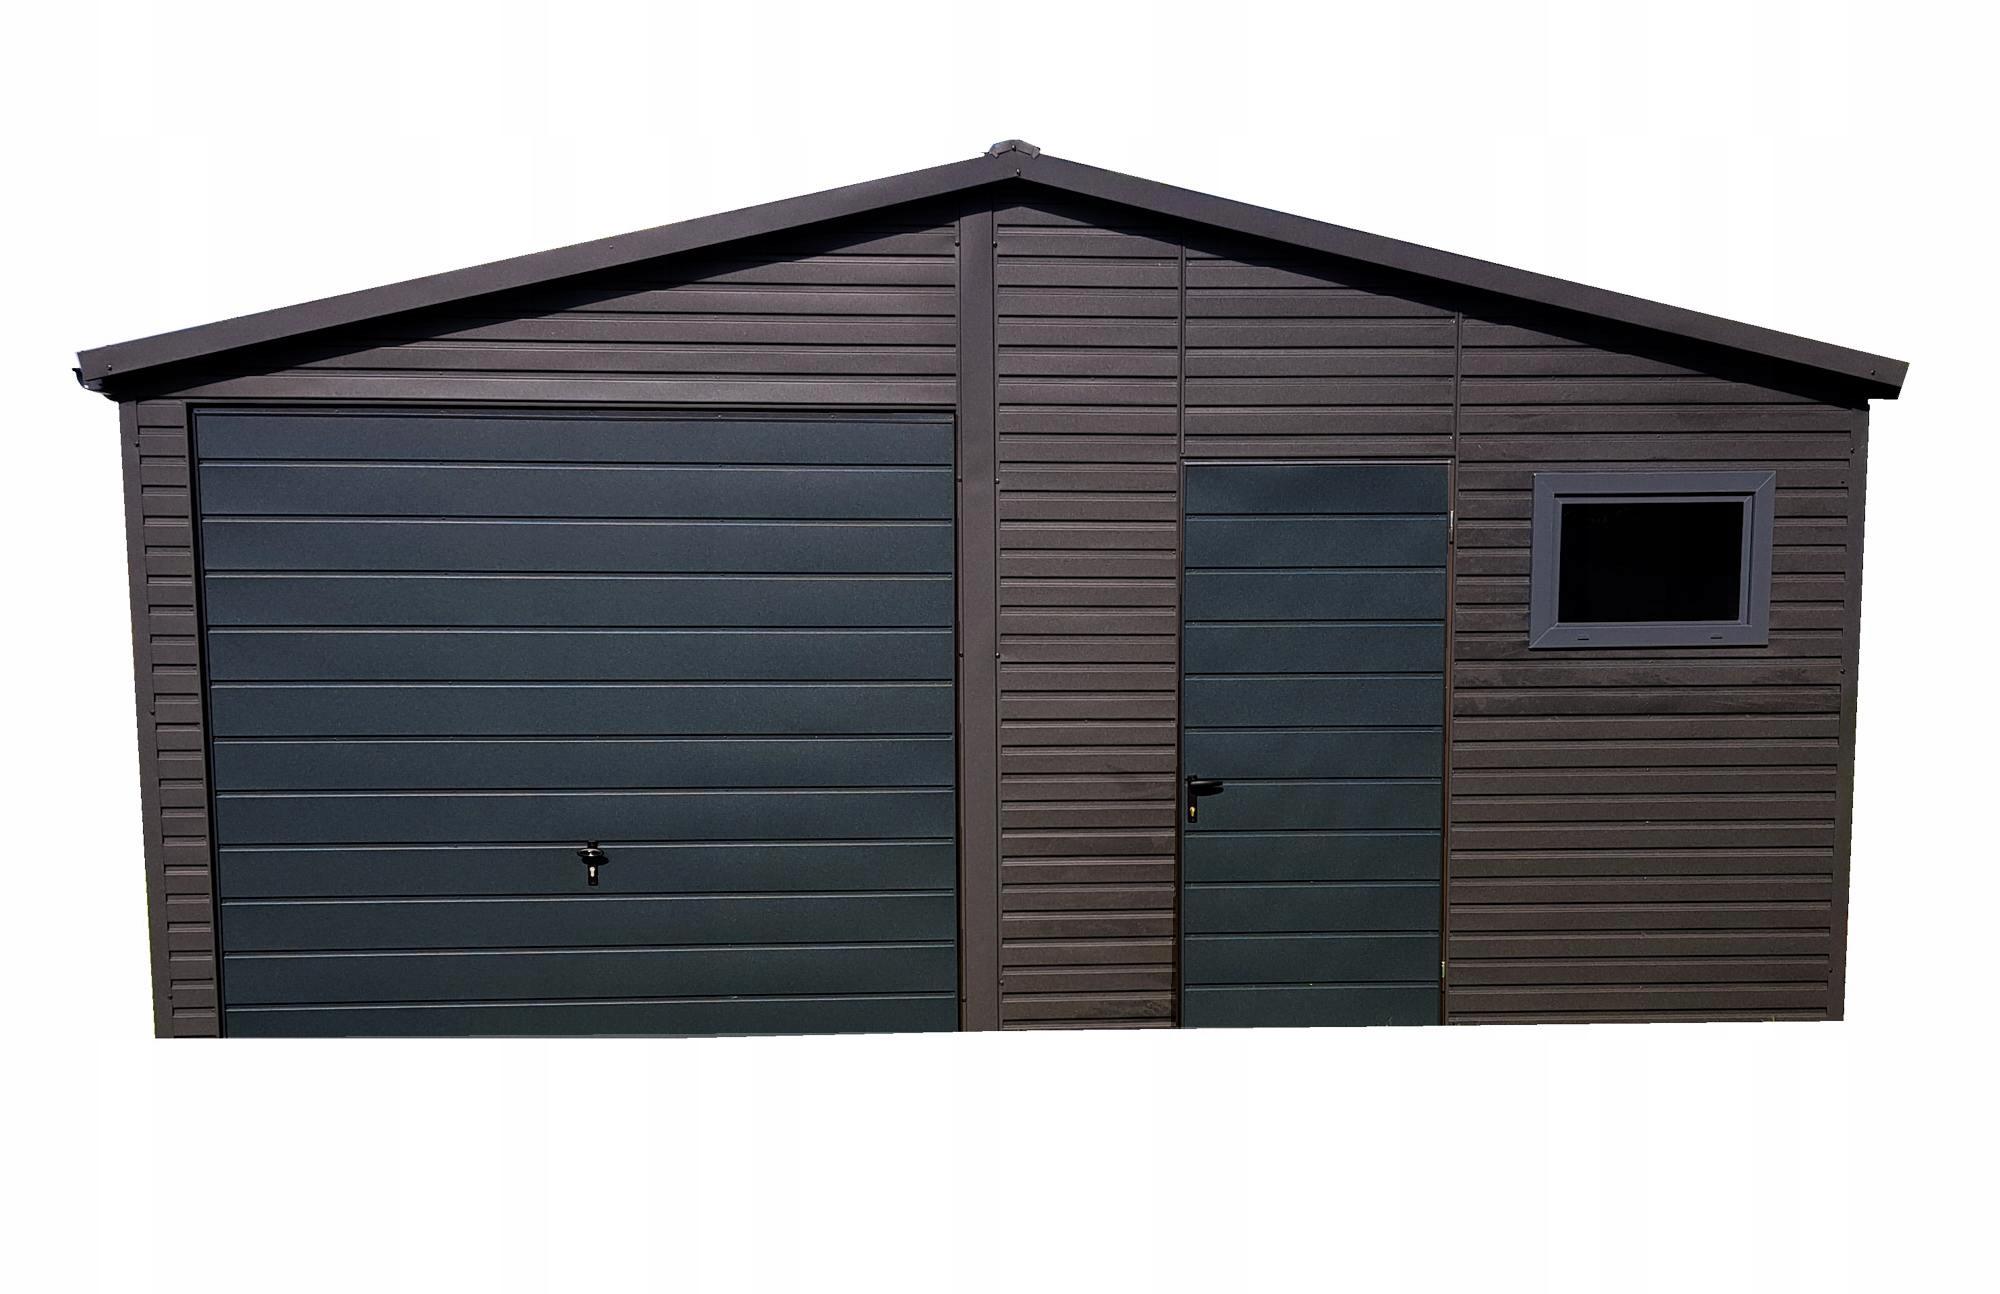 Tin Garage Blaszak Жестяные гаражи 6x6